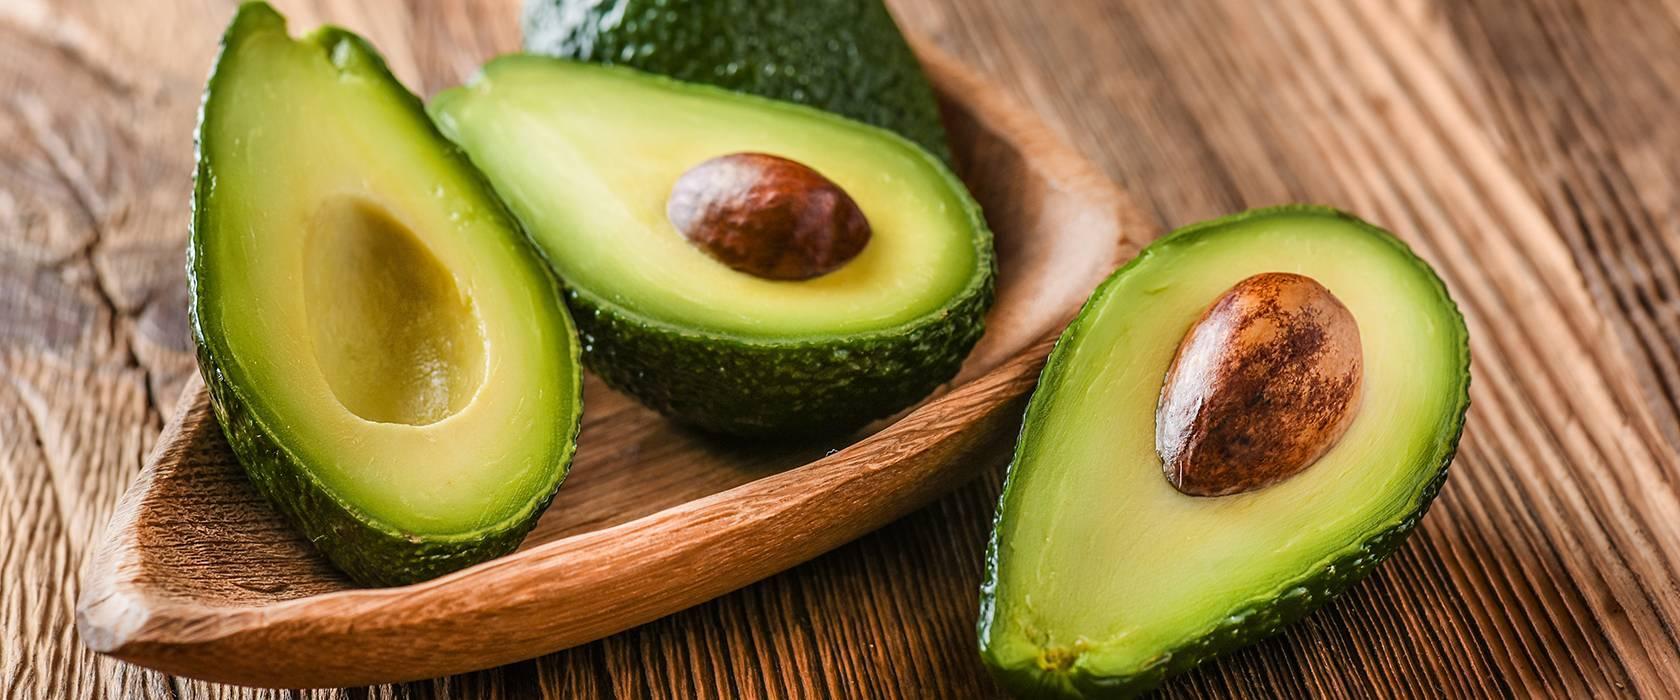 Авокадо: полезные свойства для организма женщин и мужчин